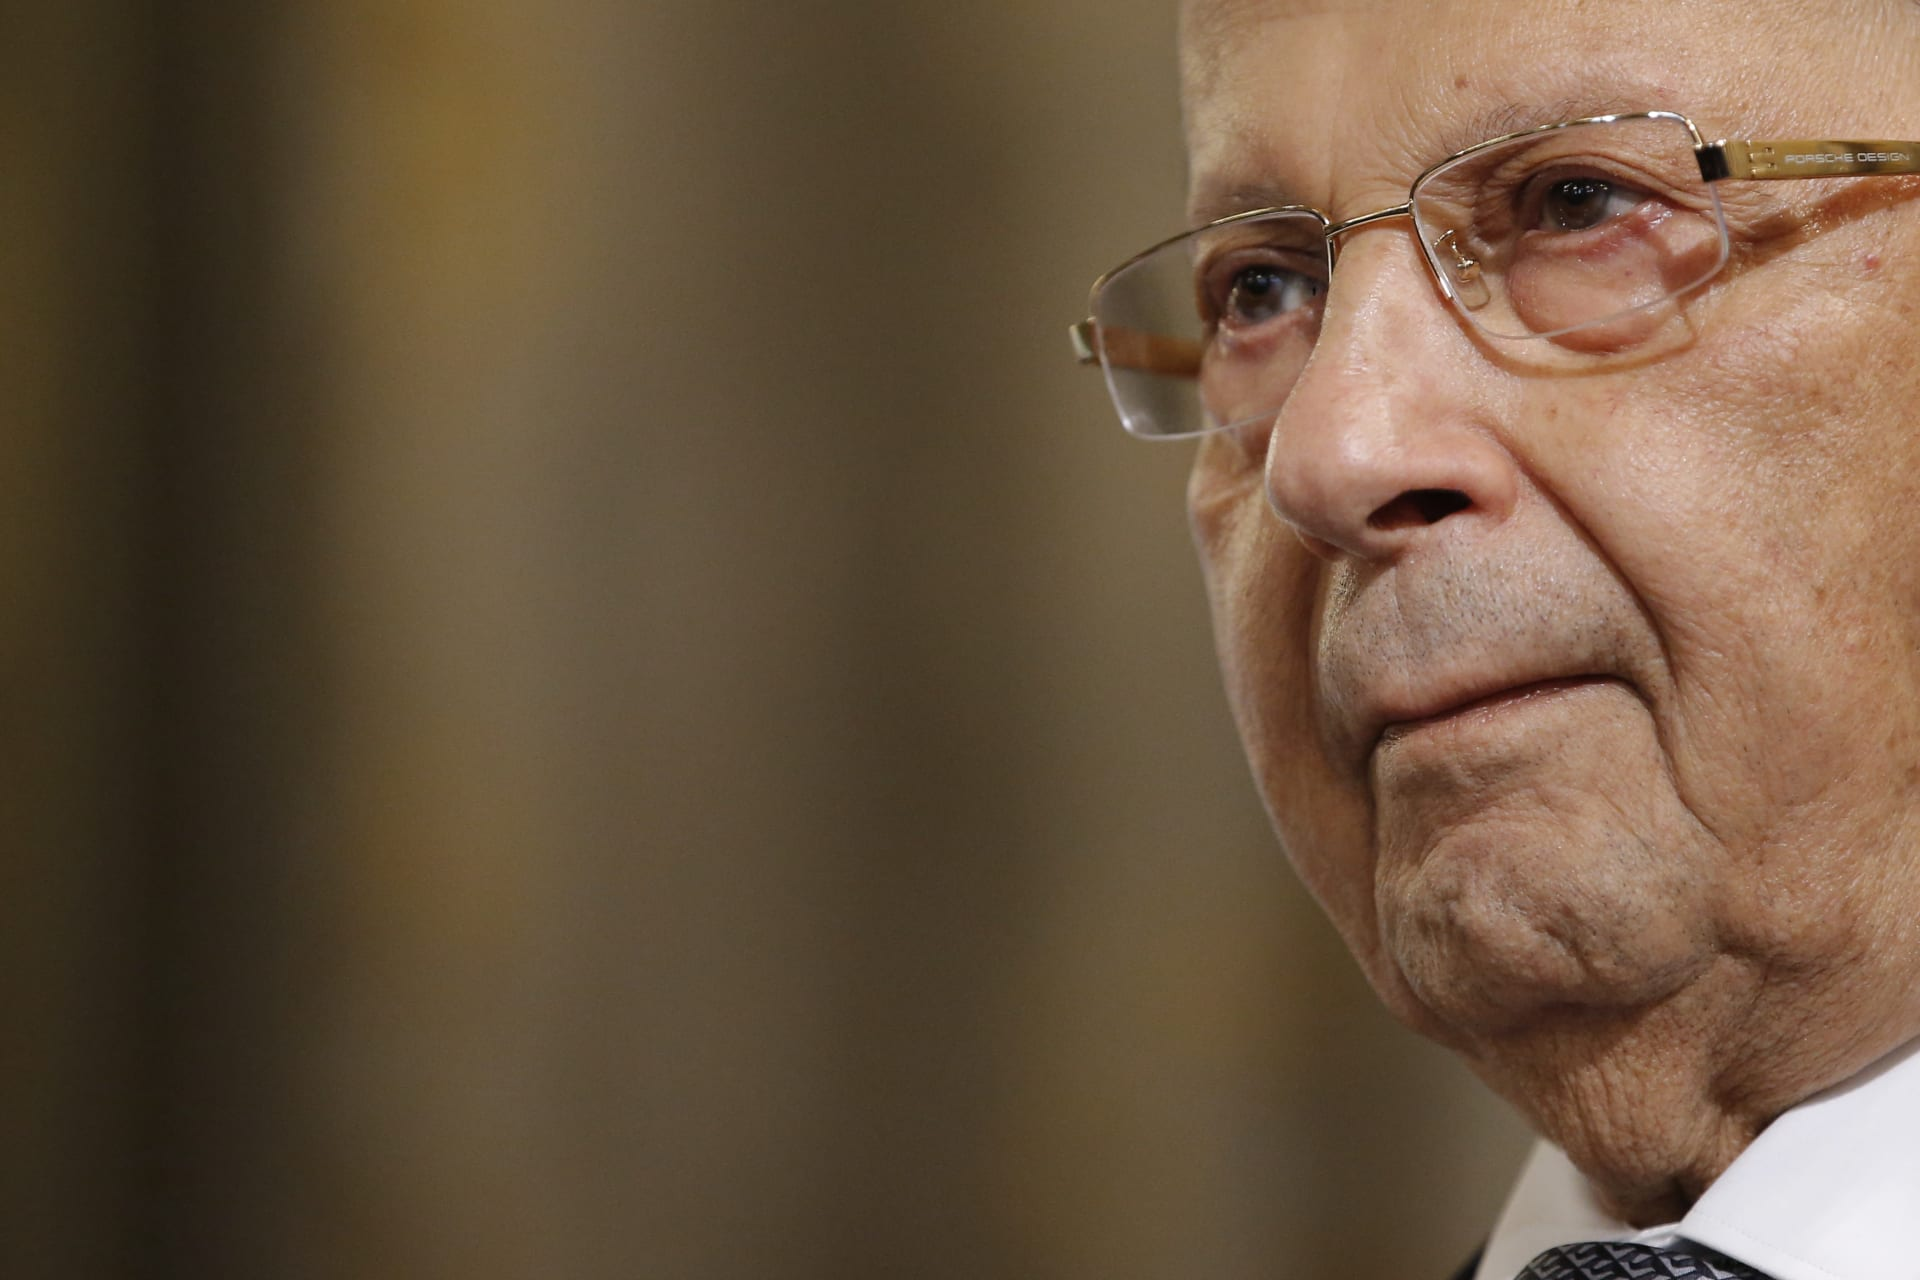 عون يتساءل عن ظروف عقوبات أمريكا ضد وزيرين لبنانيين سابقين